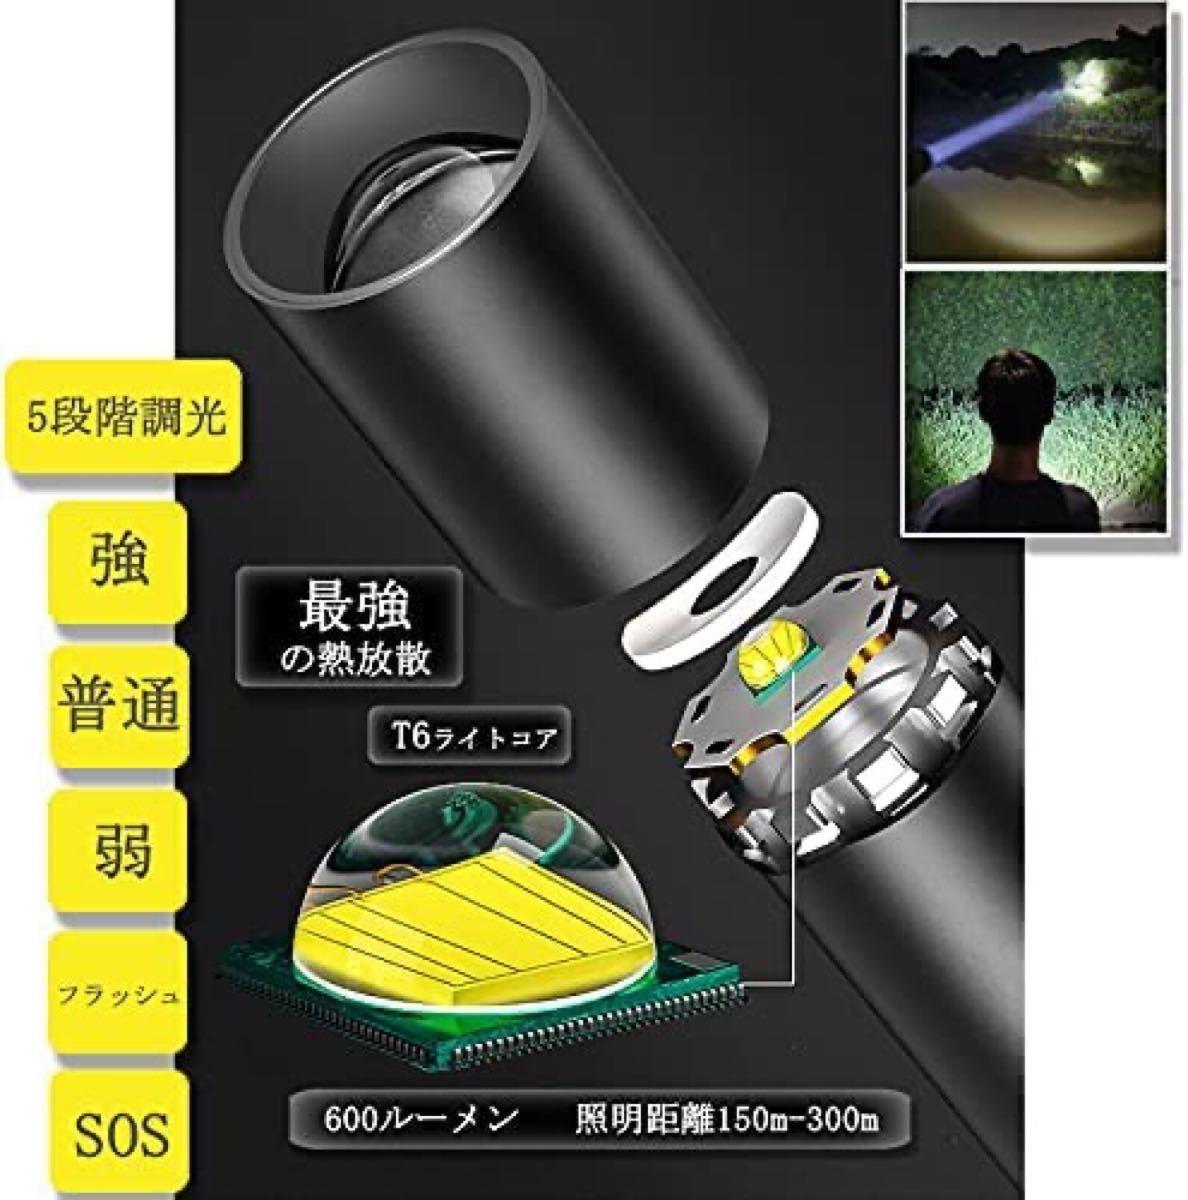 懐中電灯ledフラッシュライトハンディライト 伸縮ズーム/実用点灯8-12時間